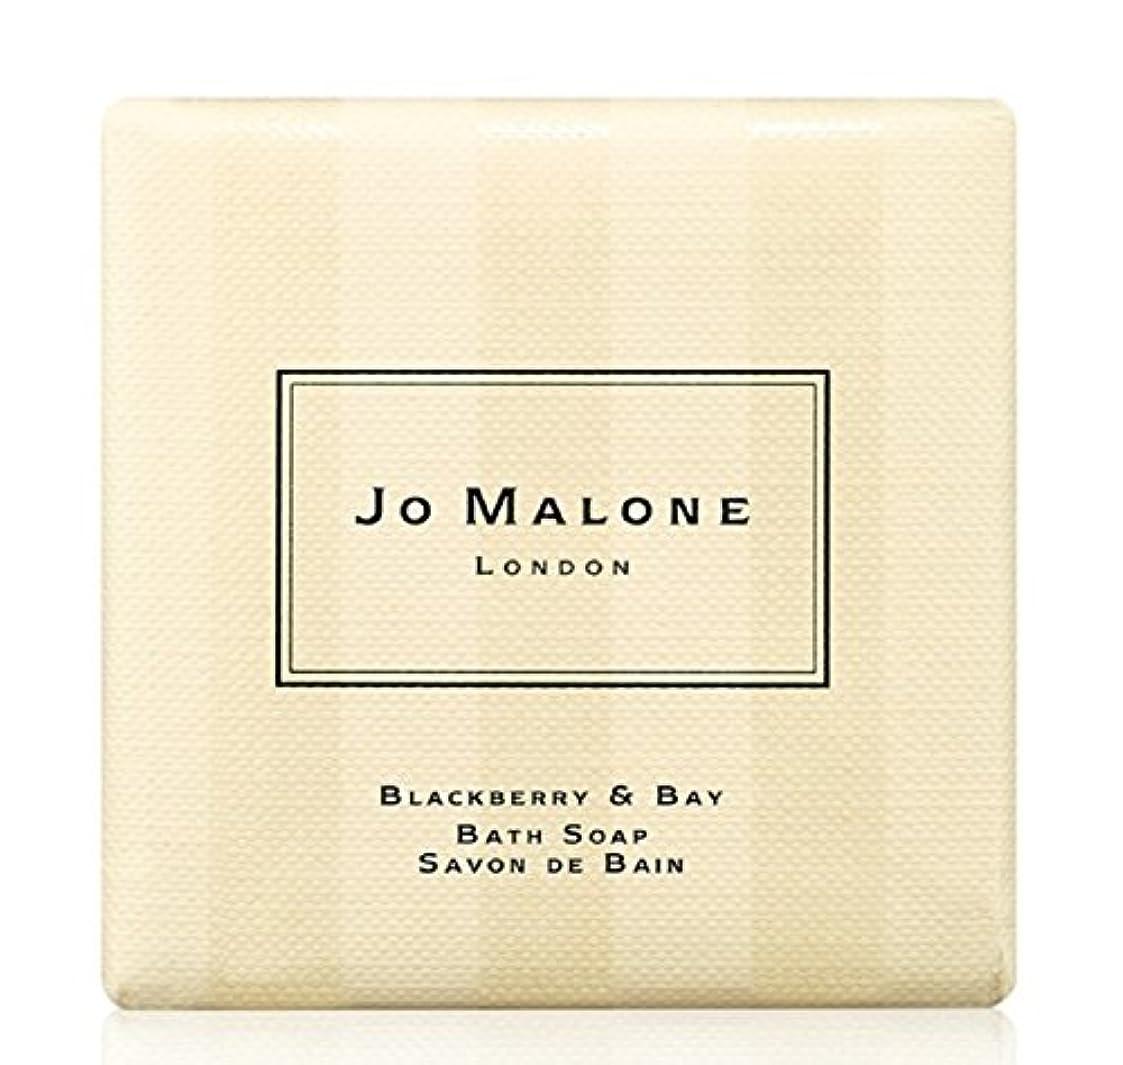 特性が欲しい蒸気ジョーマローン ブラックベリー&ベイ バス ソープ 石鹸 100 g